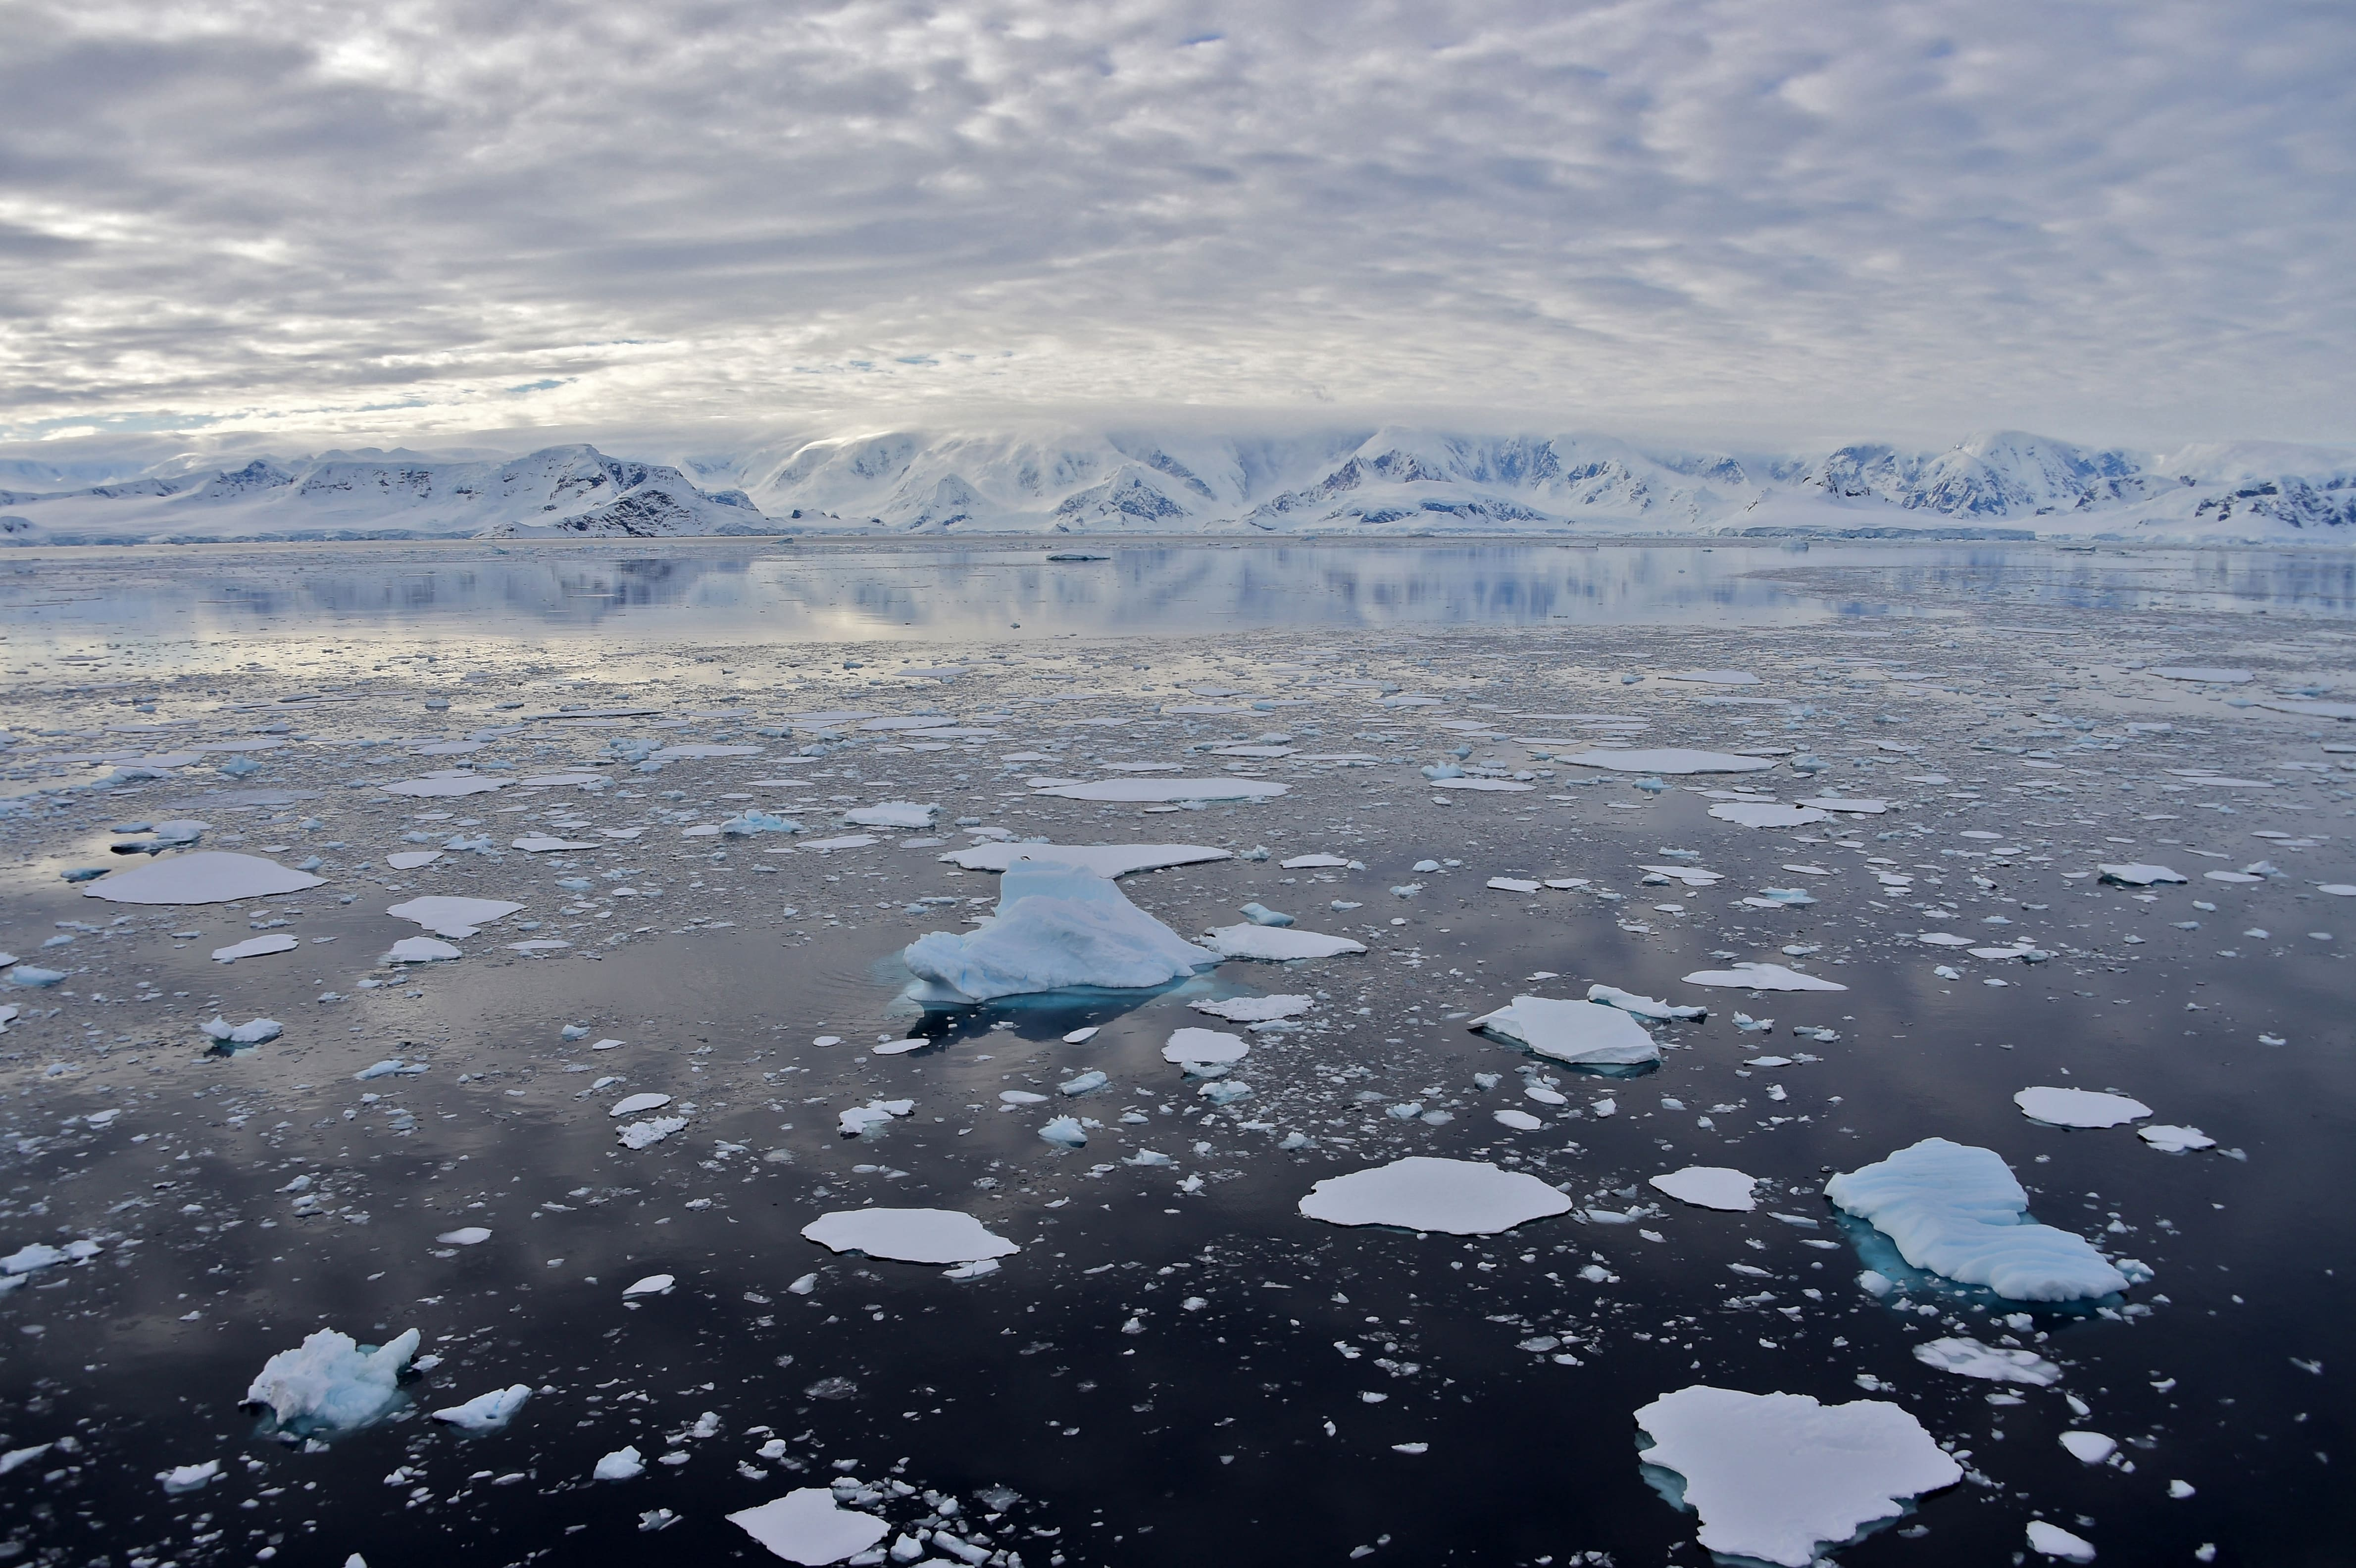 Des scientifiques découvrent accidentellement d'étranges créatures sous 900 mètres de glace en Antarctique - CNEWS